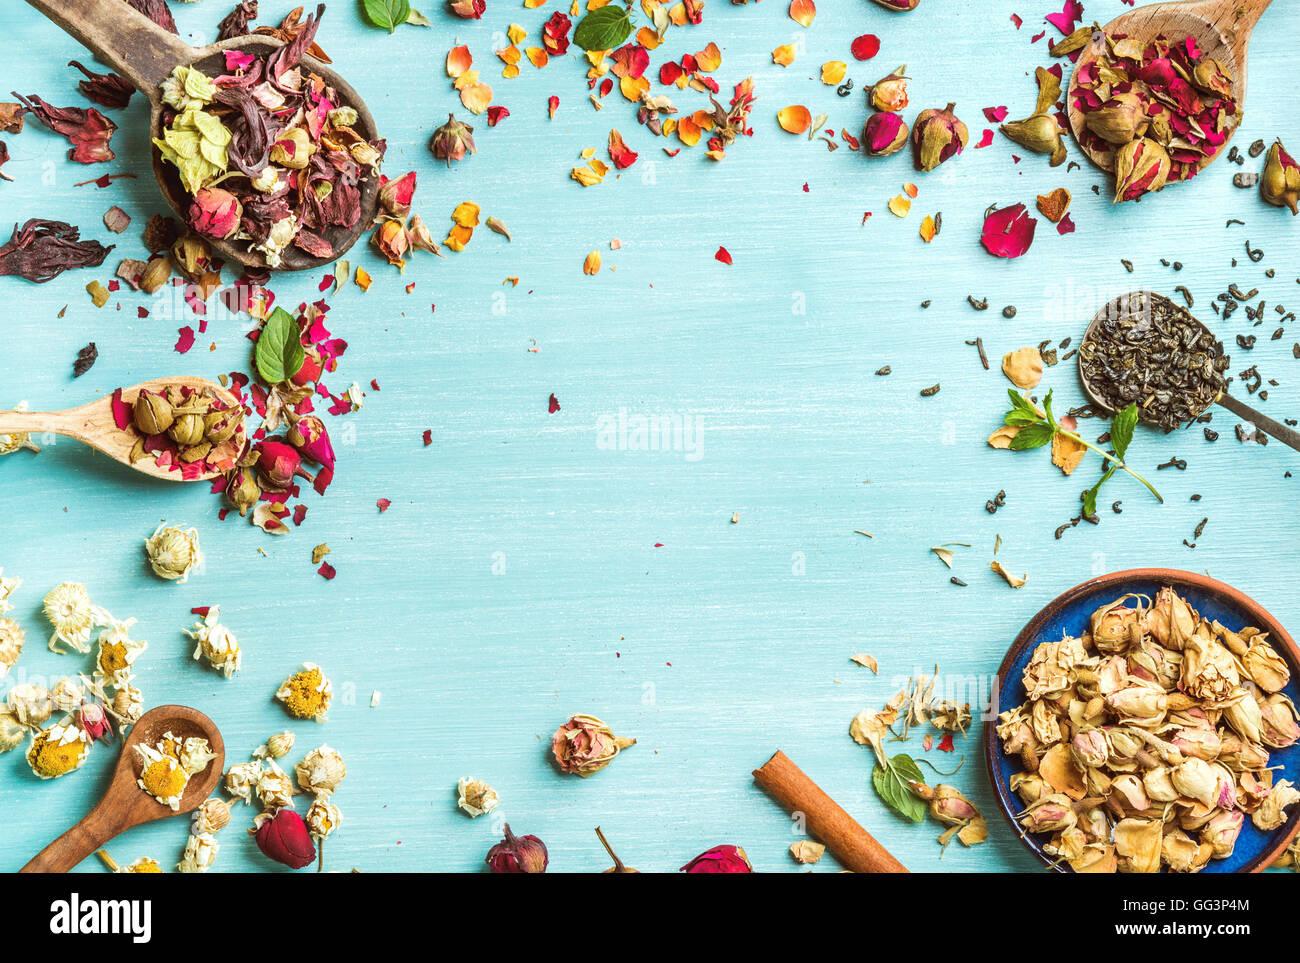 Différentes herbes pour faire des plateau: menthe, cannelle, rose séché dans un bol, fleurs Photo Stock